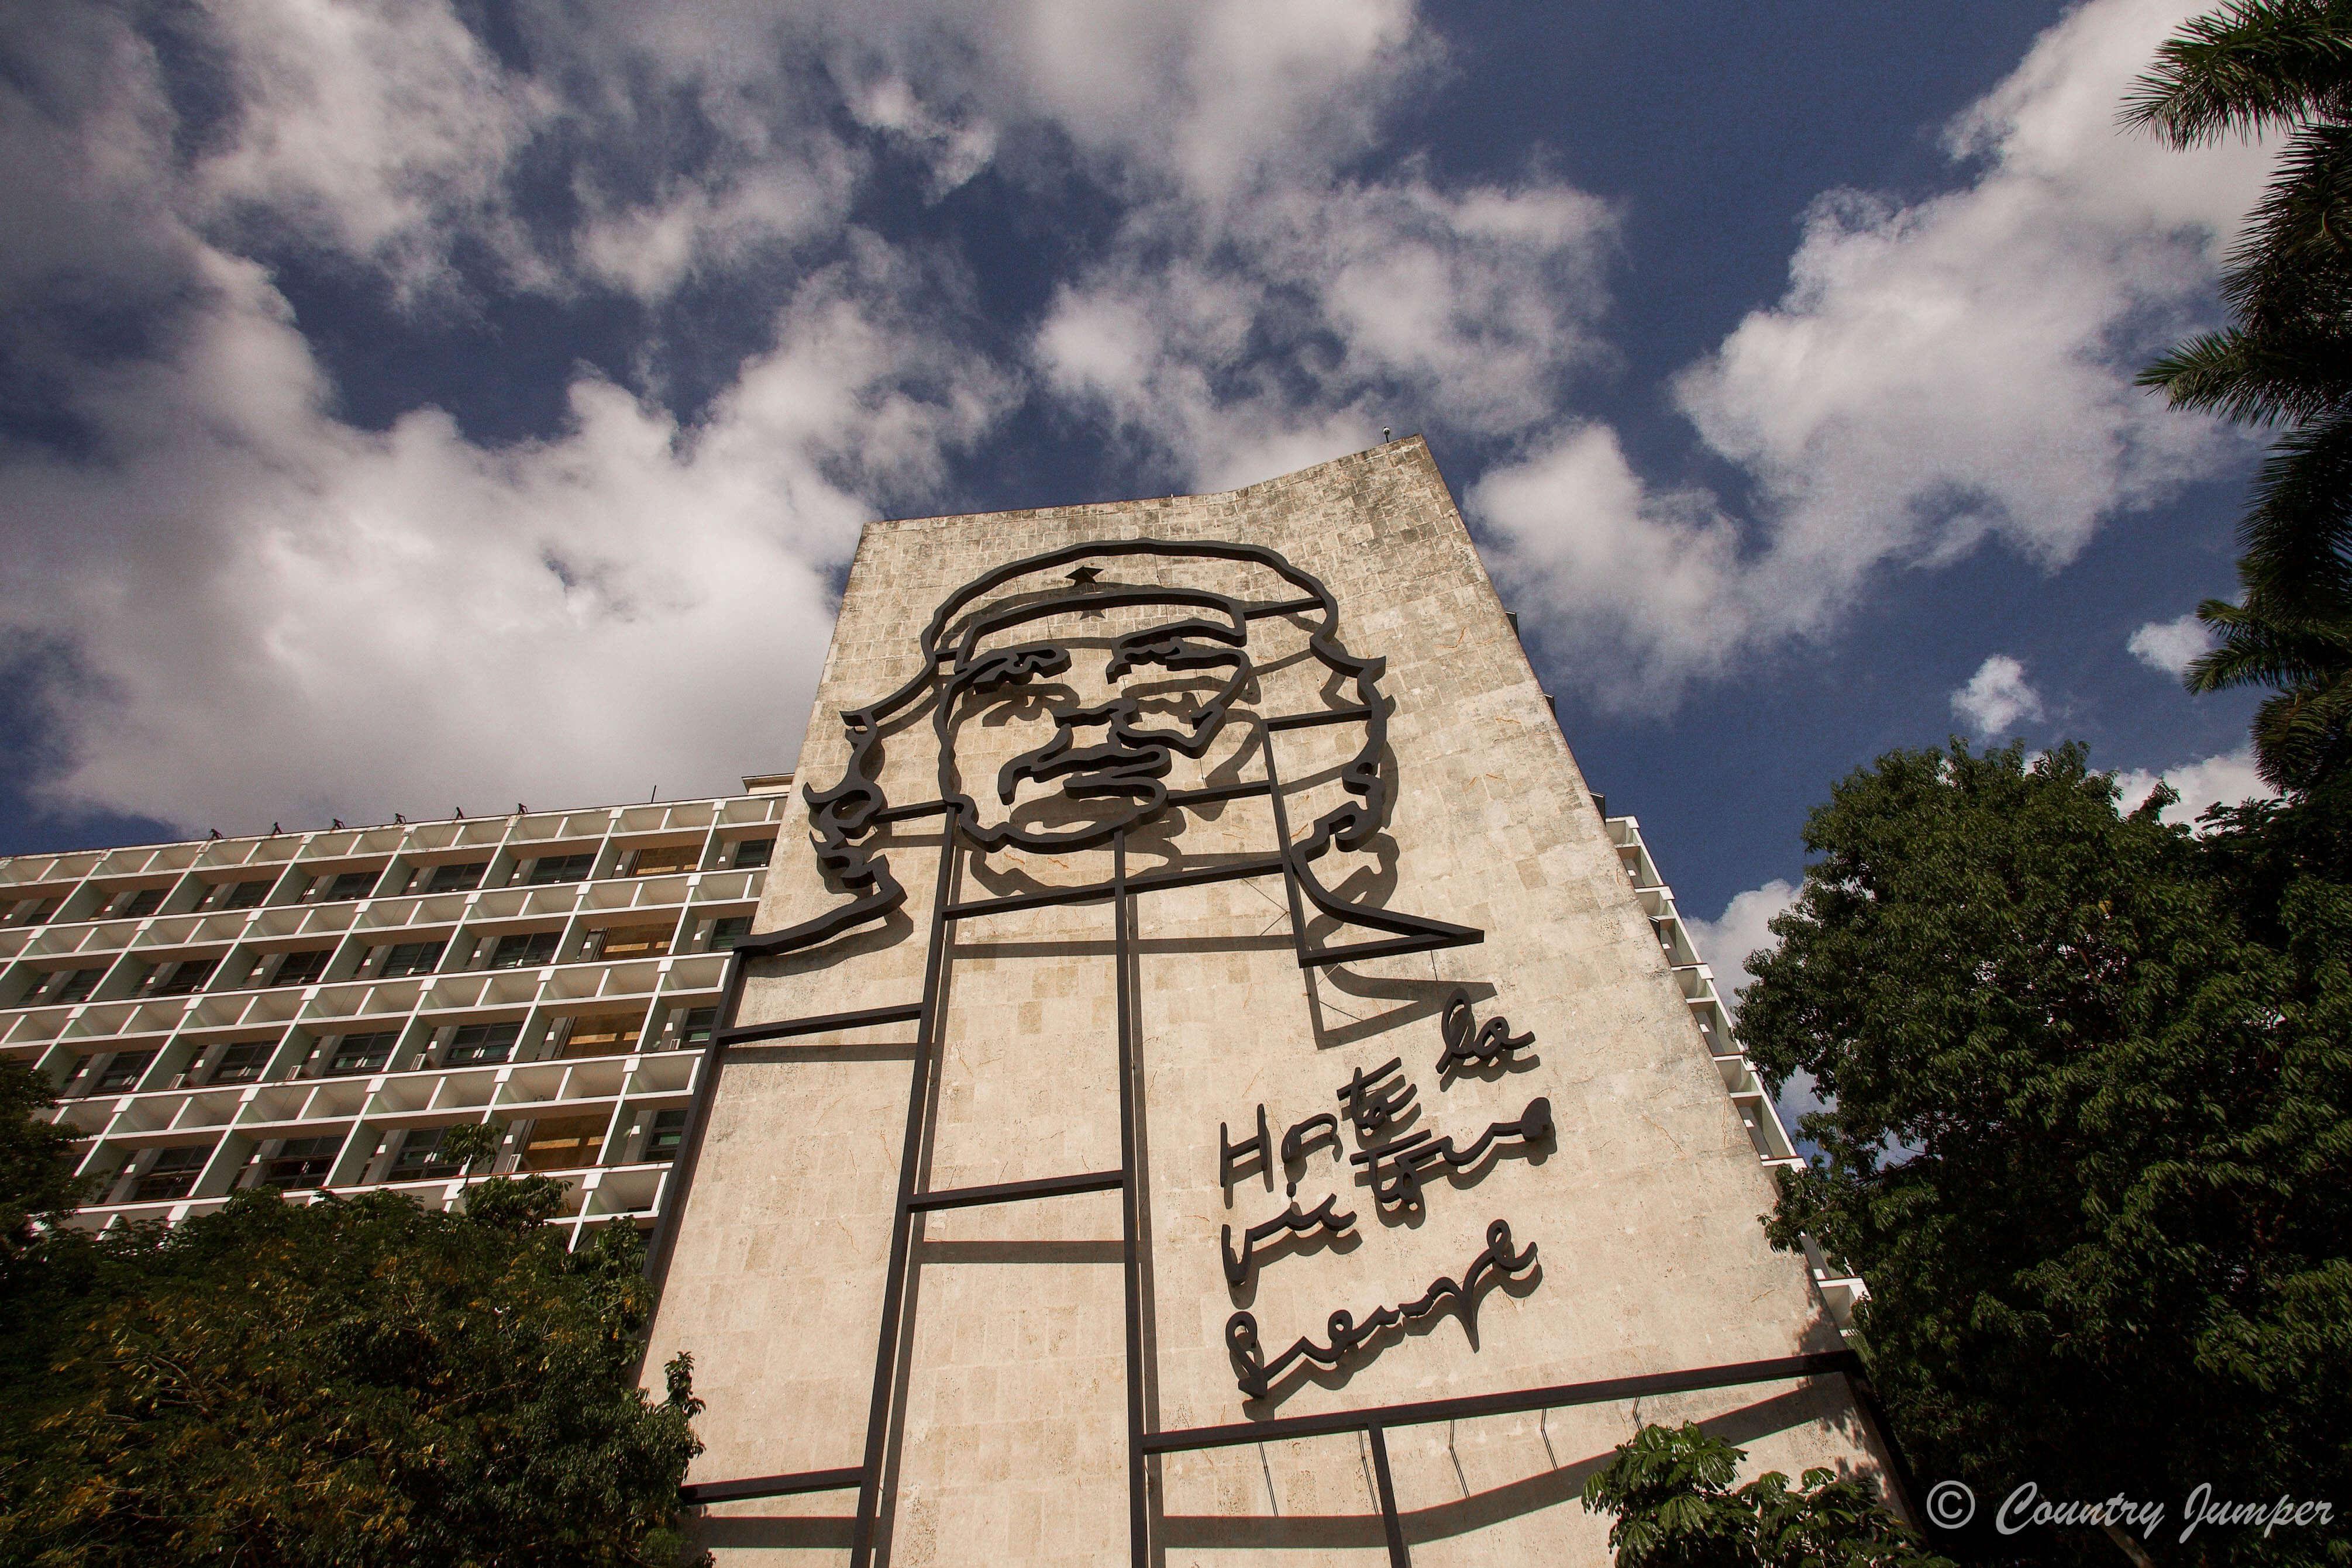 Large Che image in revelation square in Havana